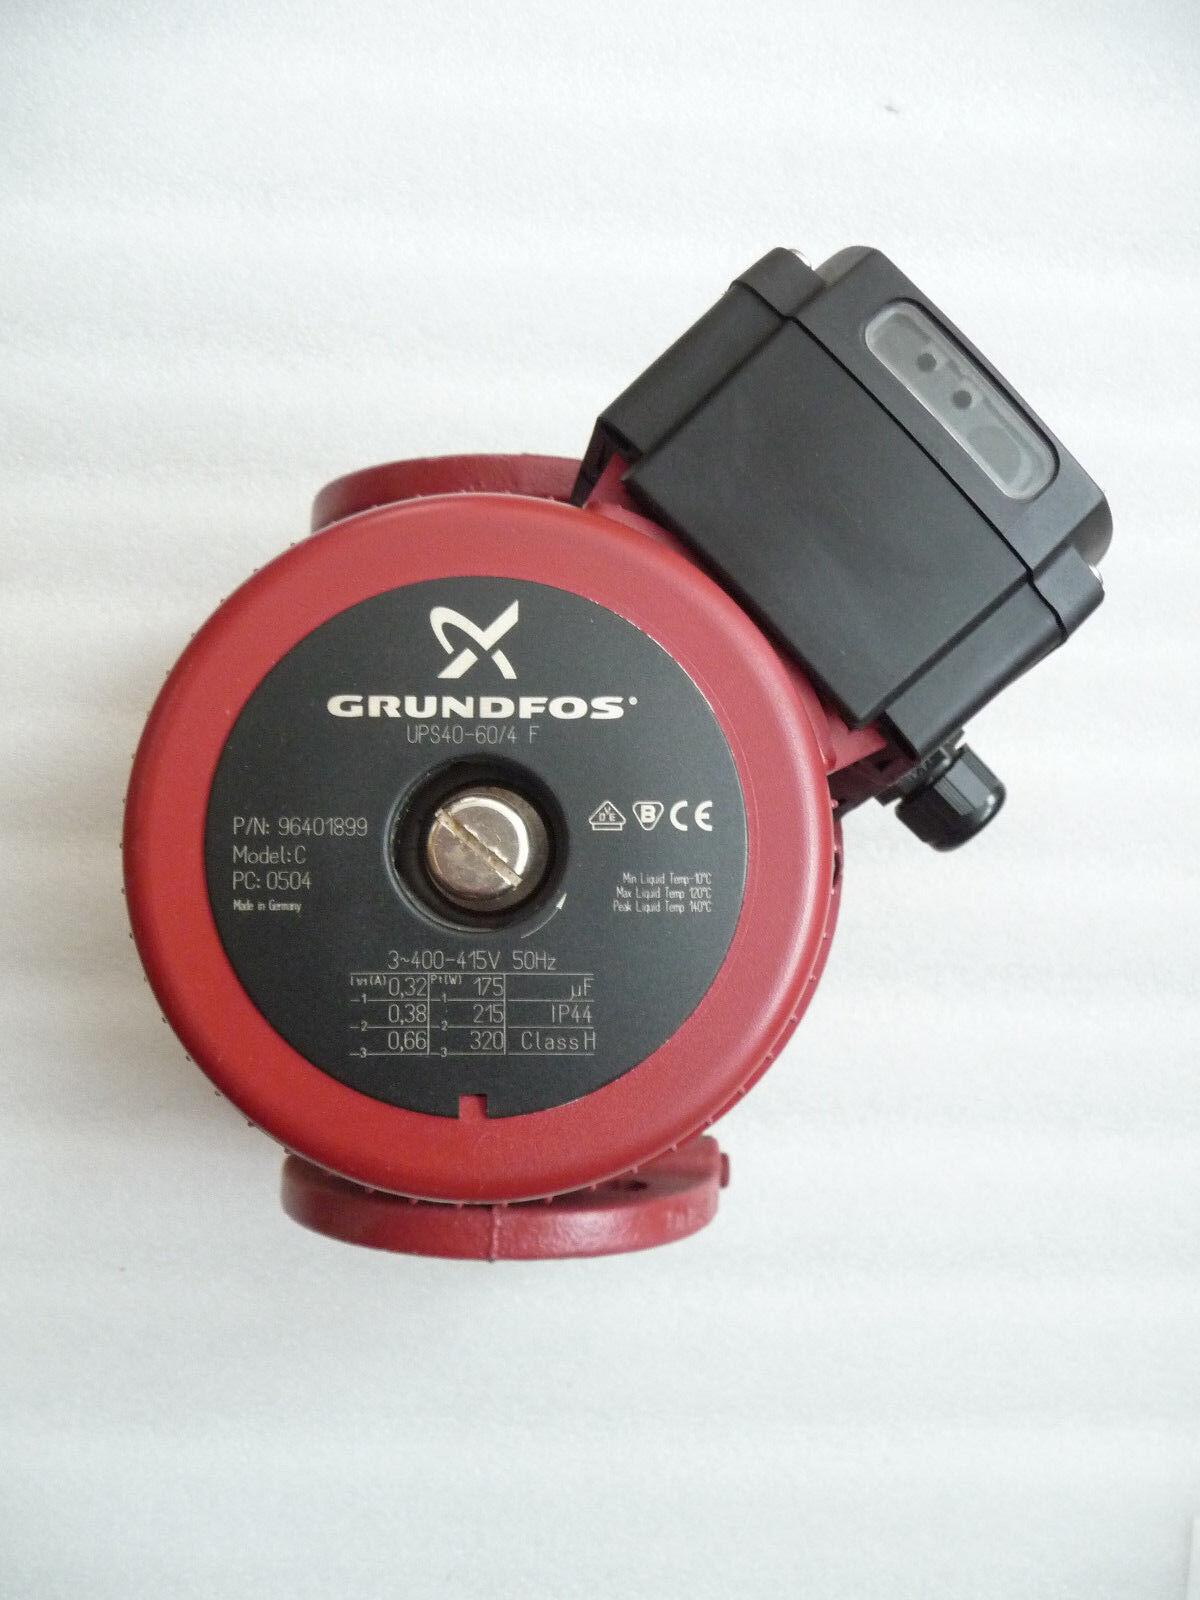 Grundfos UPS 40 - 60 60 60 /4 F Heizungspumpe 400 Volt Umwälzpumpe 250 mm gebraucht 41 dc4ebd